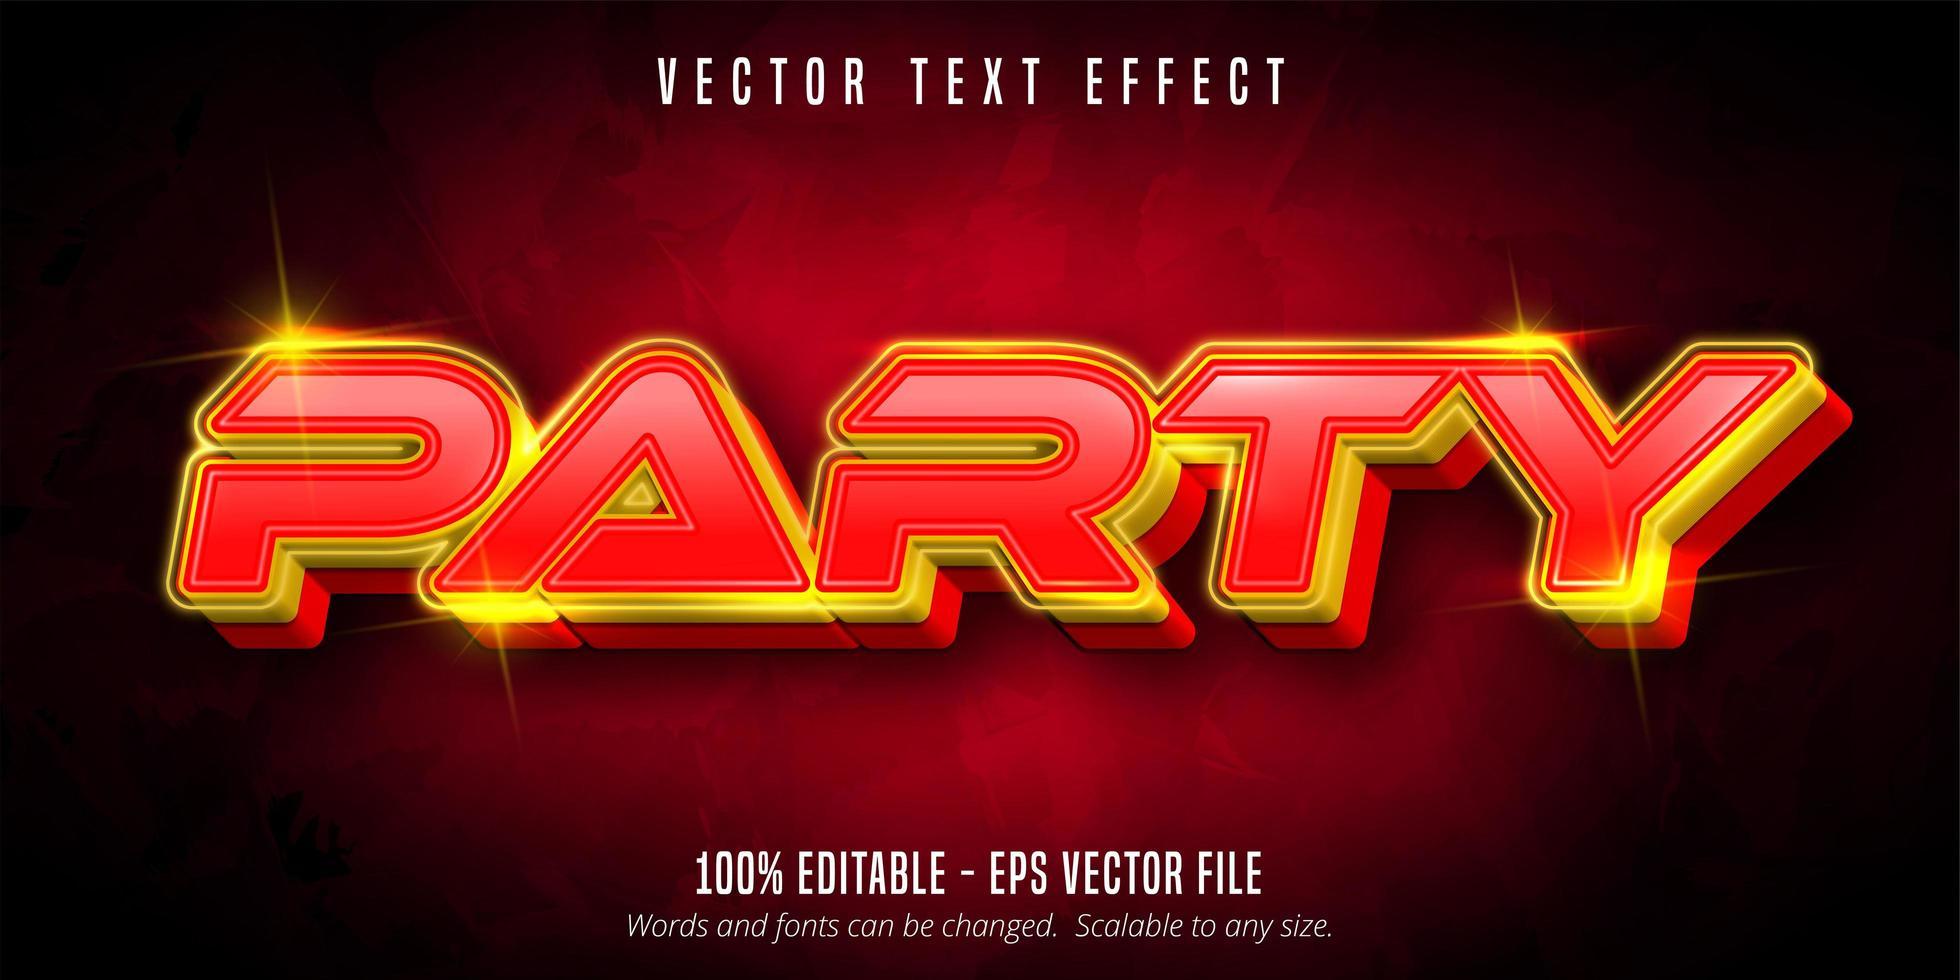 texto de fiesta, efecto de texto estilo neón vector